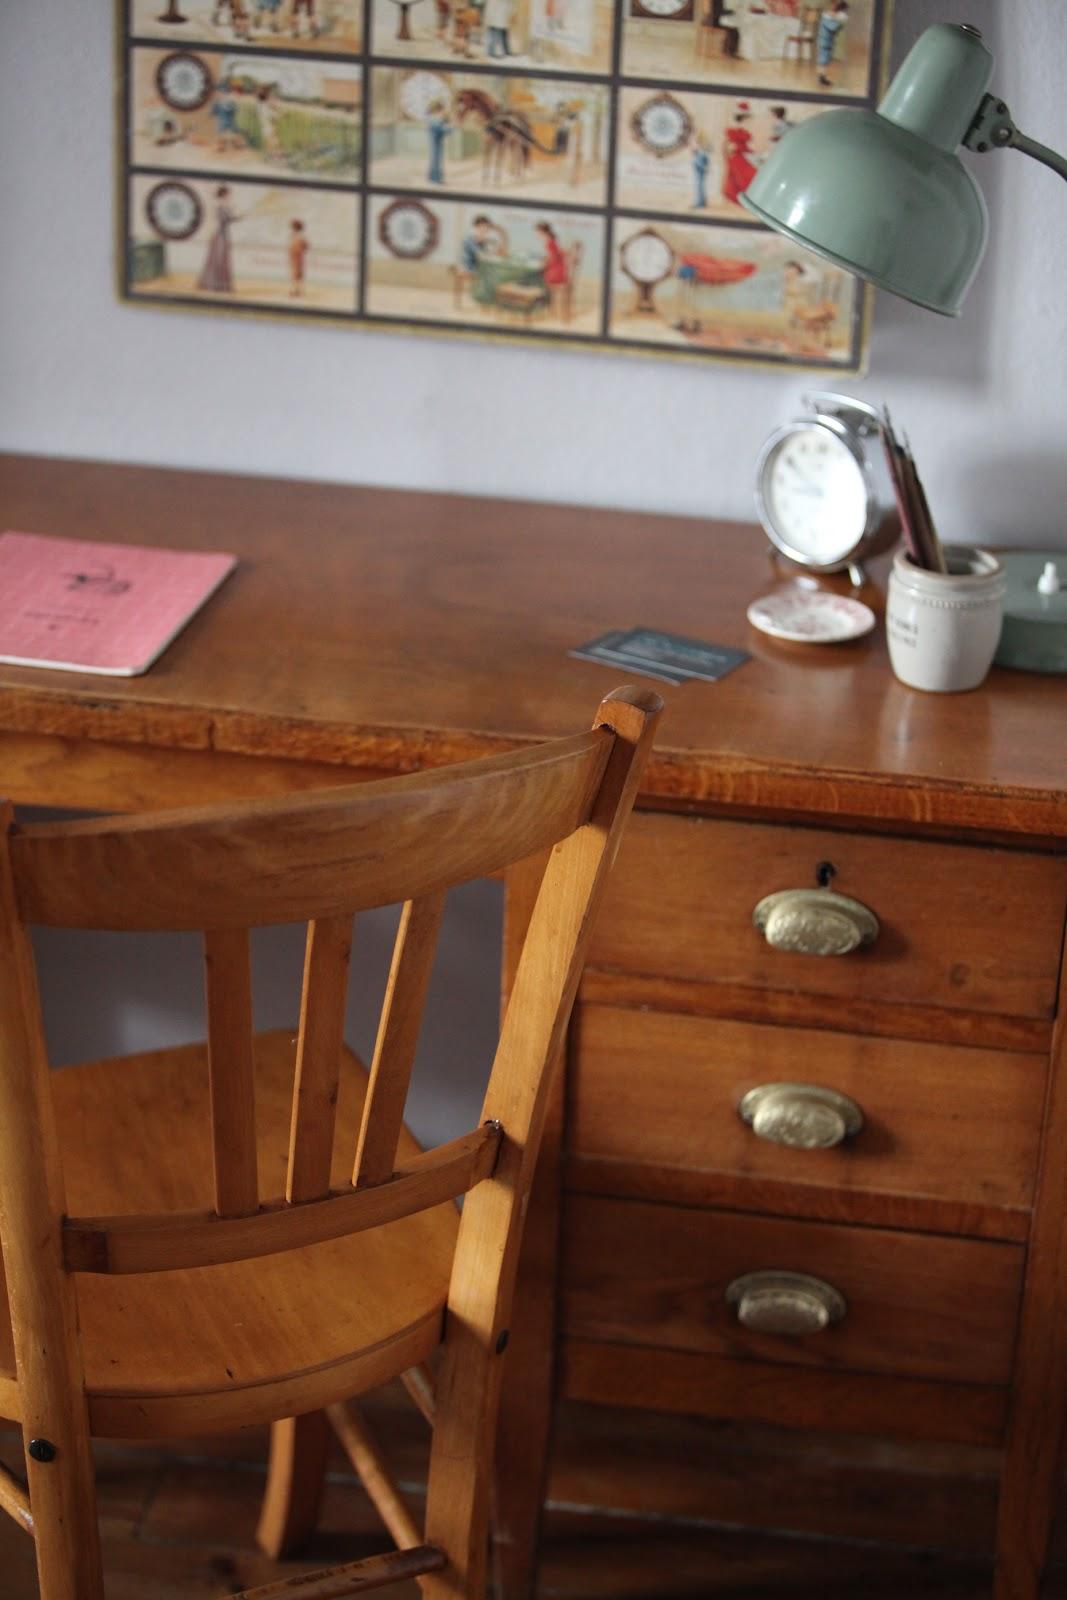 C 39 est la re cr ation vintage scolaire vintage coup de c ur petit bureau comptable - Petit bureau vintage ...